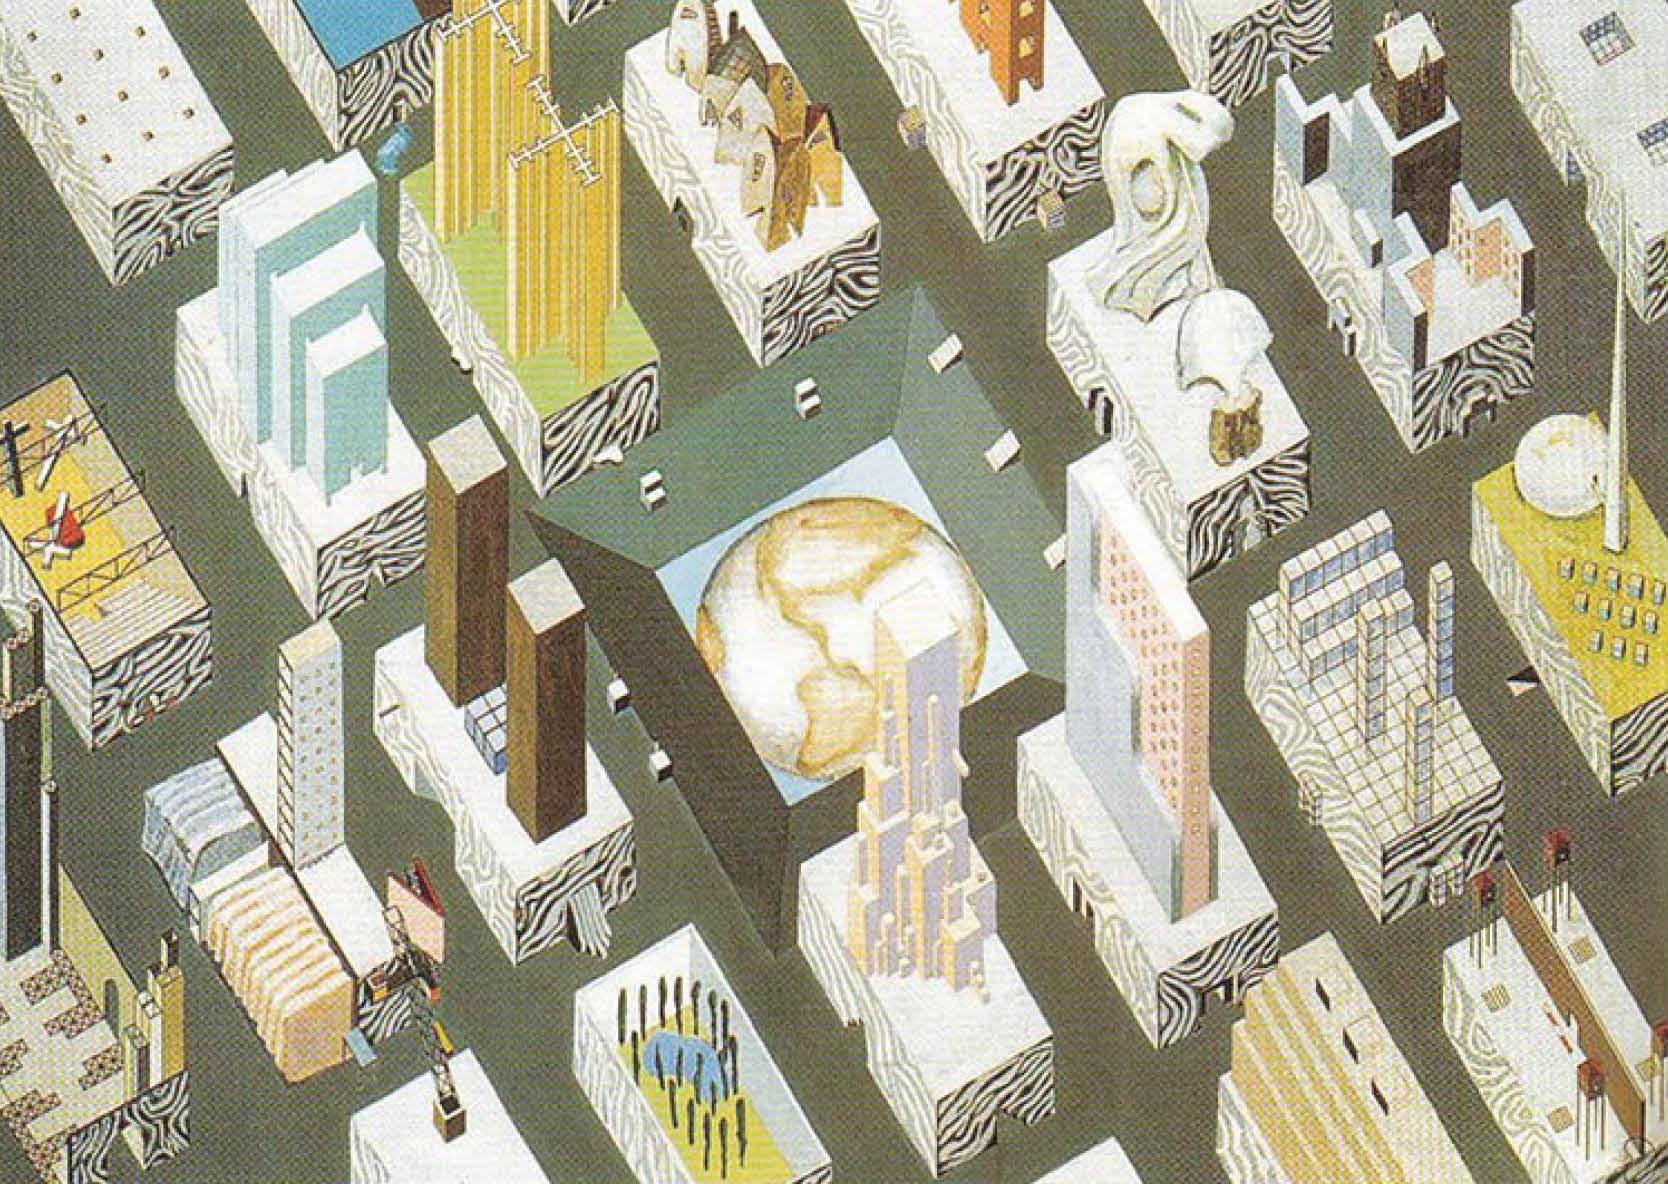 Рем Колхас. Город пленённого земного шара. 1972